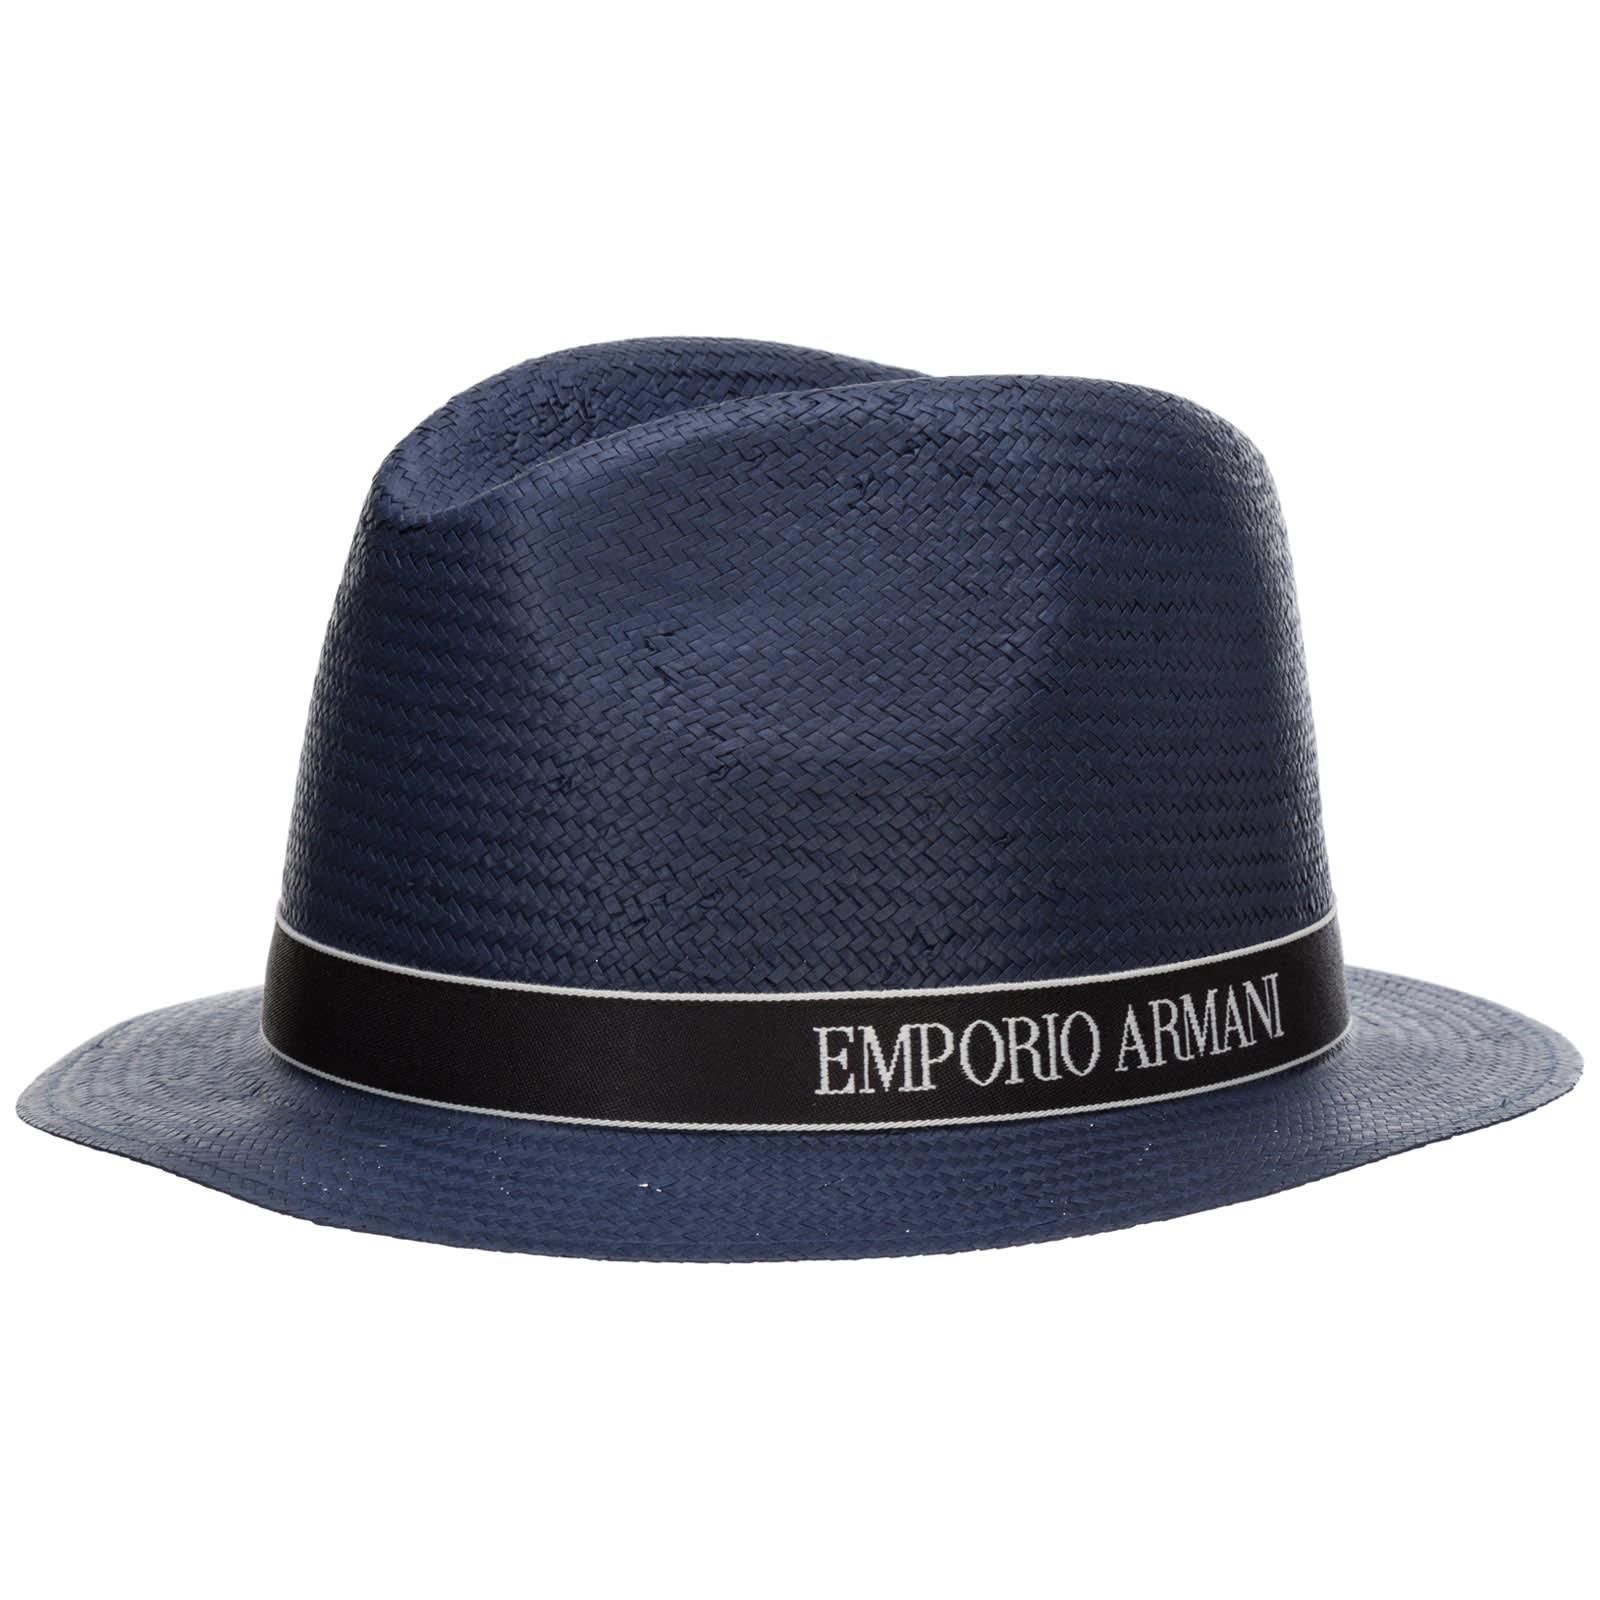 Emporio Armani DRAPY HAT